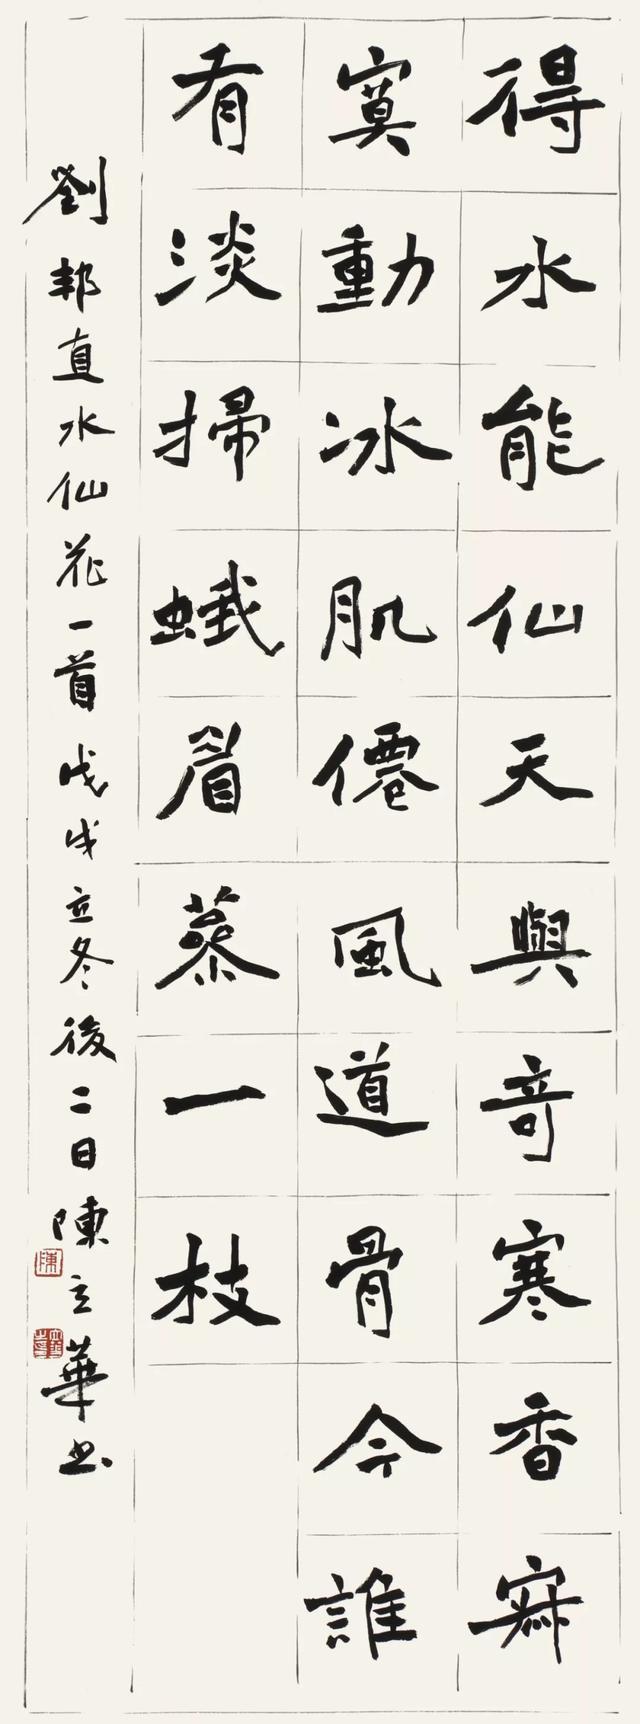 墨缘五友——陈春盛、袁动群、李文辉、陈立华、陈启成书法展